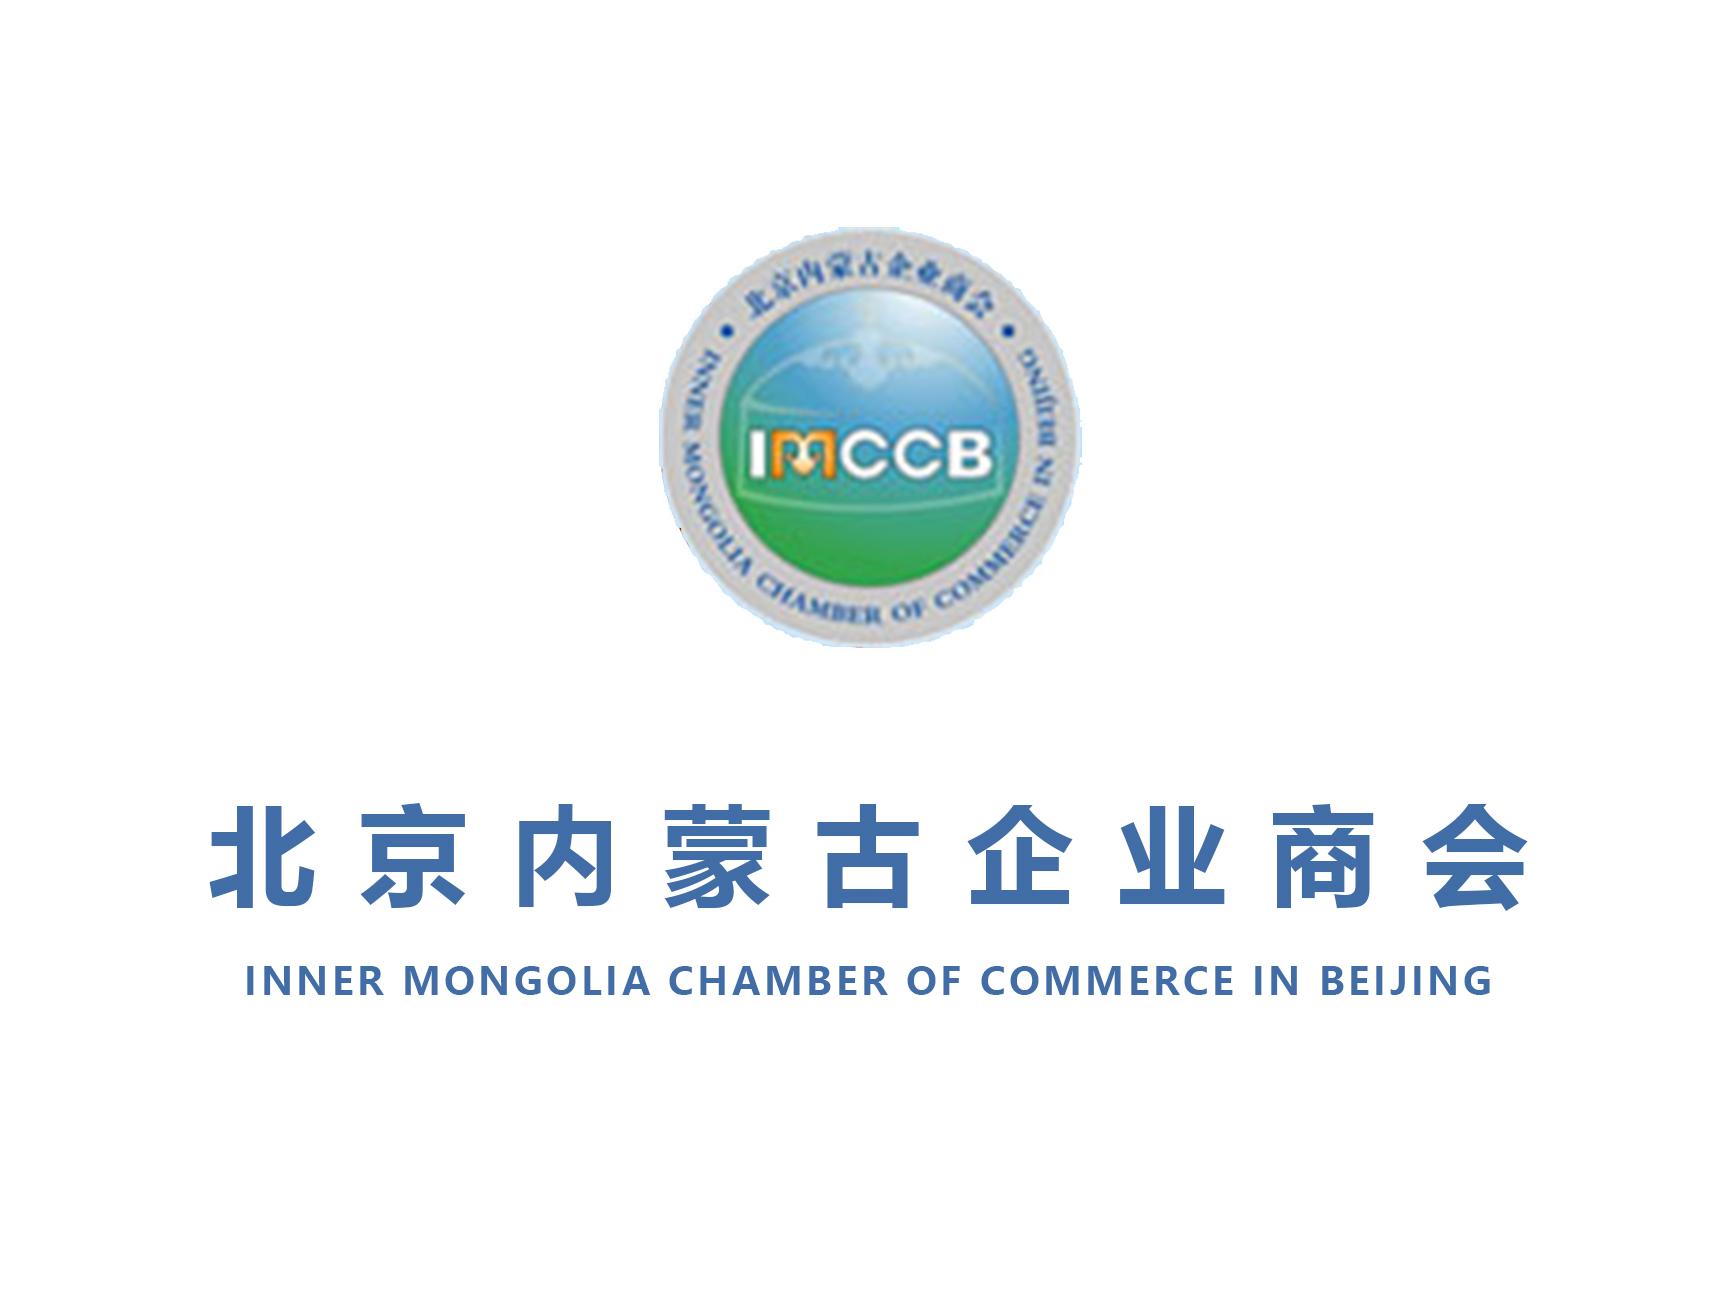 北京内蒙古企业商会——繁荣京蒙经济